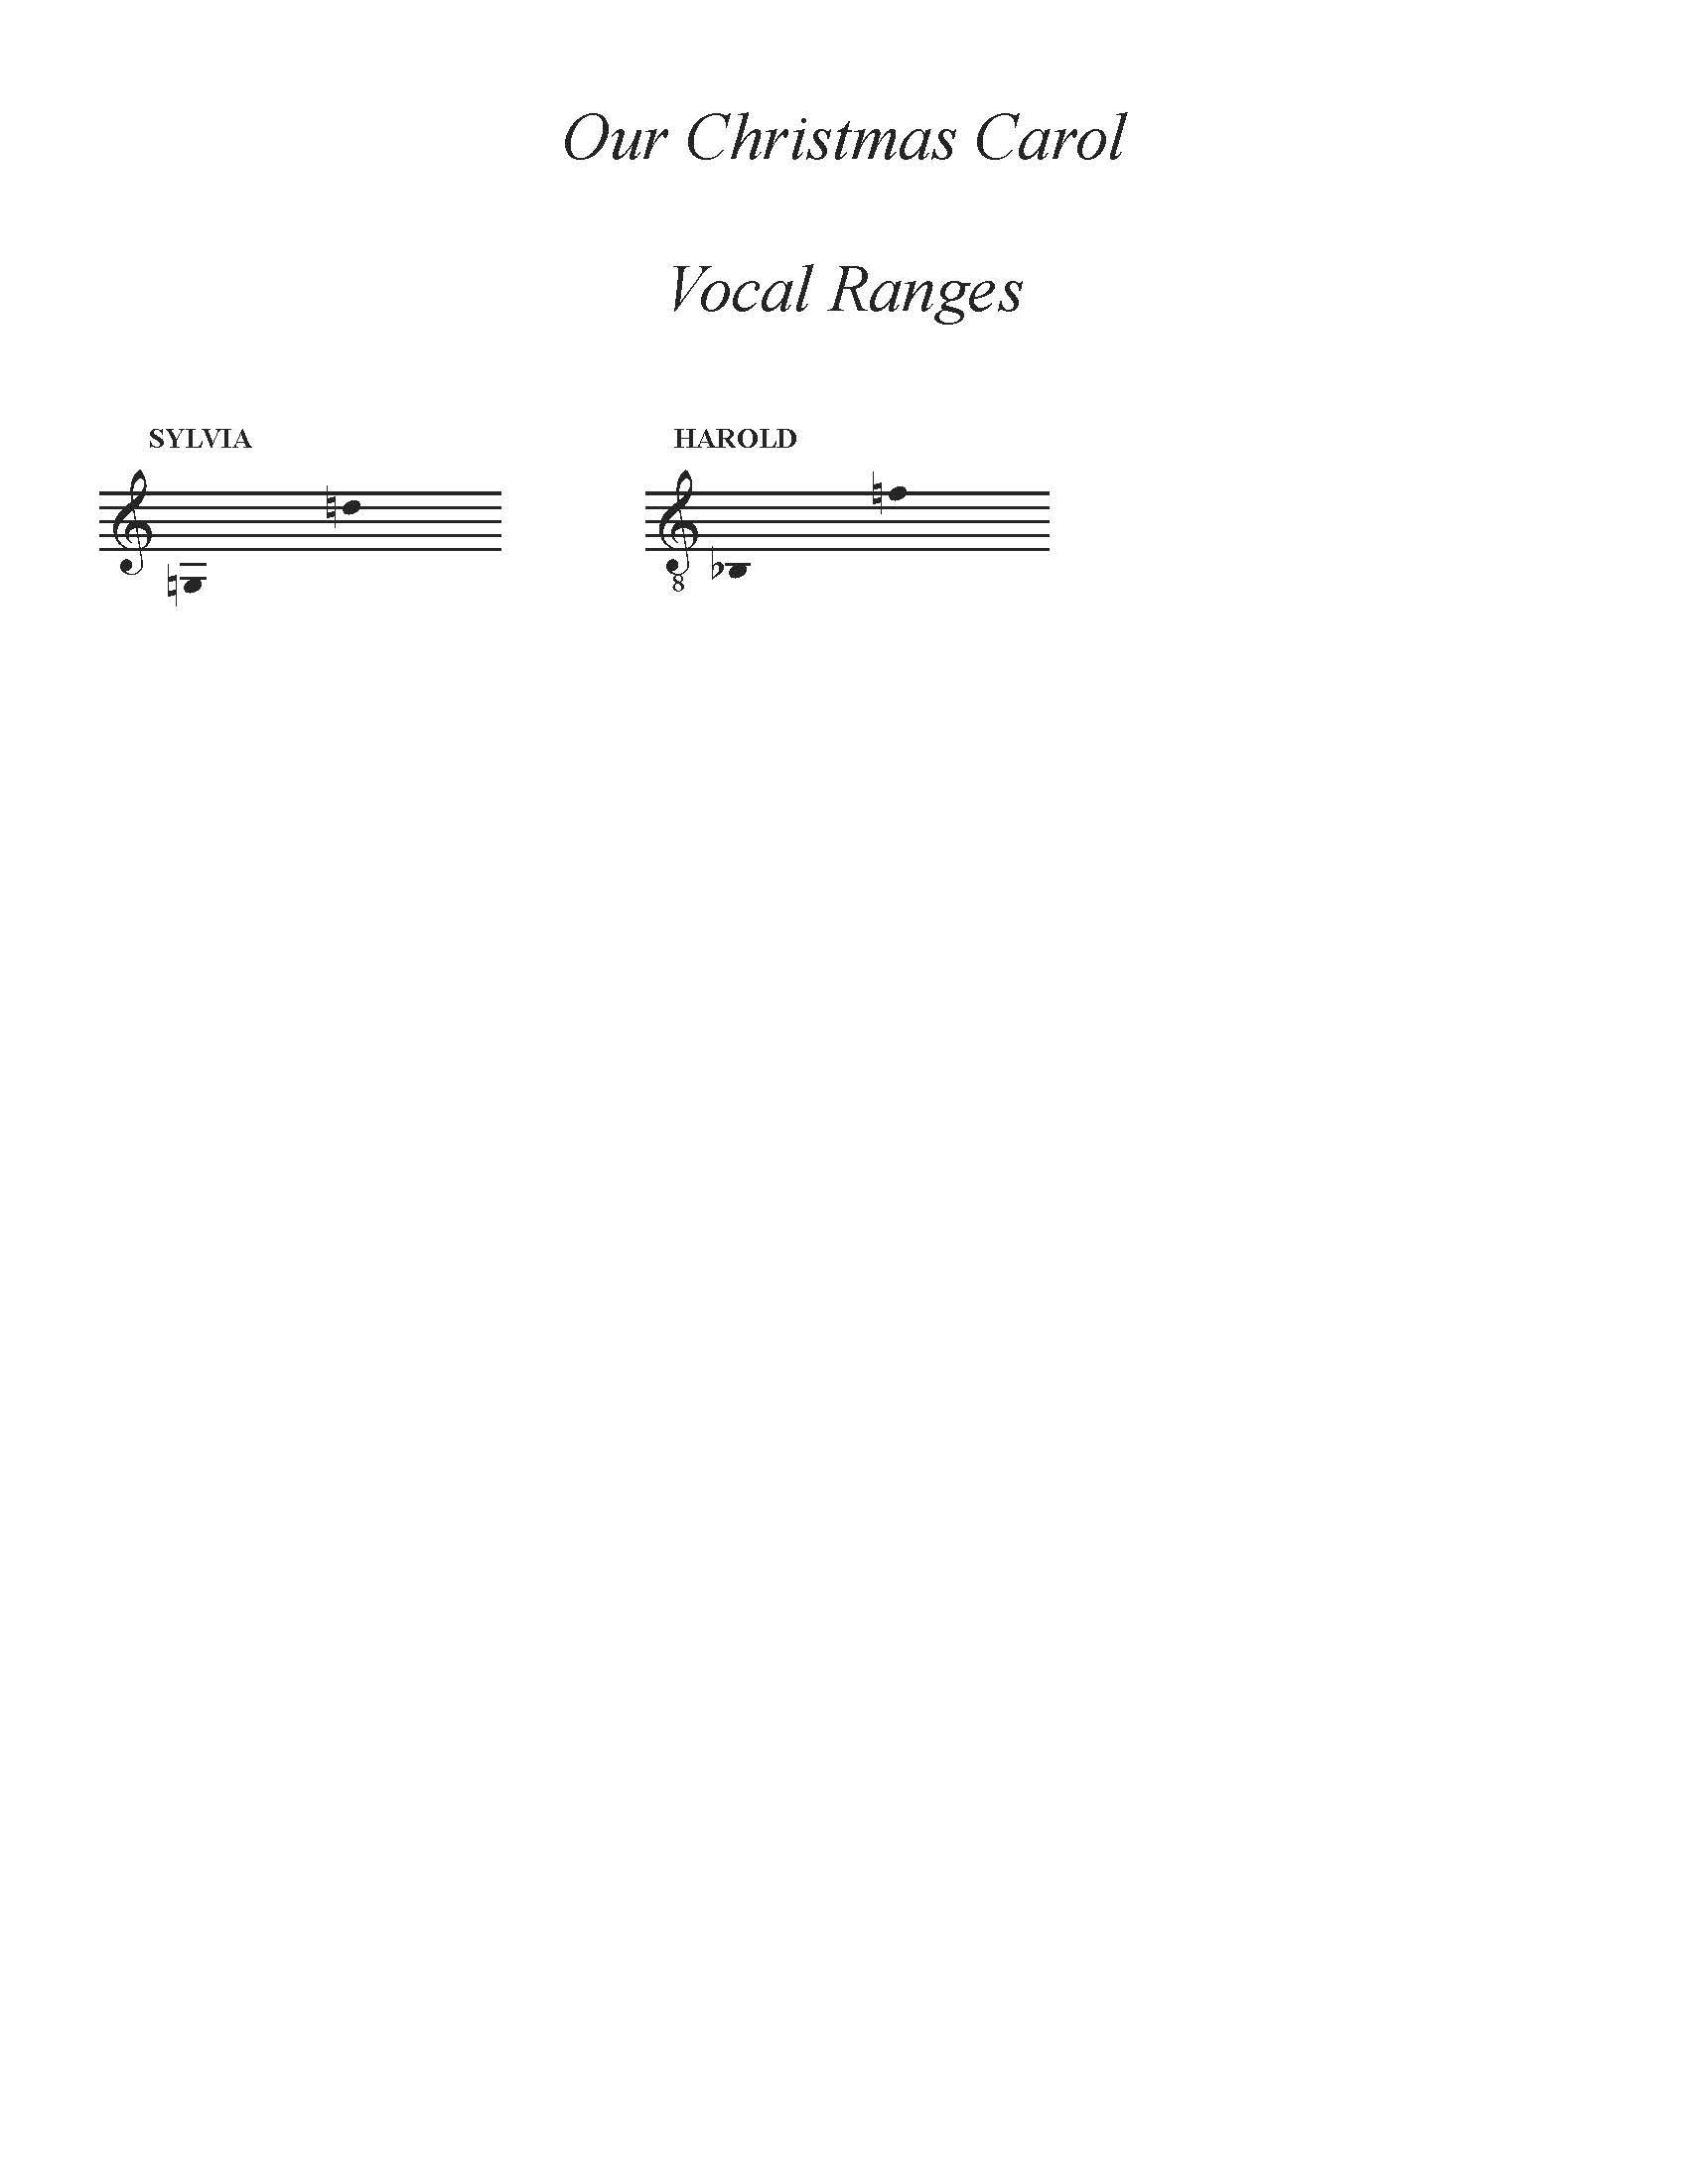 Our Christmas Carol Vocal Ranges